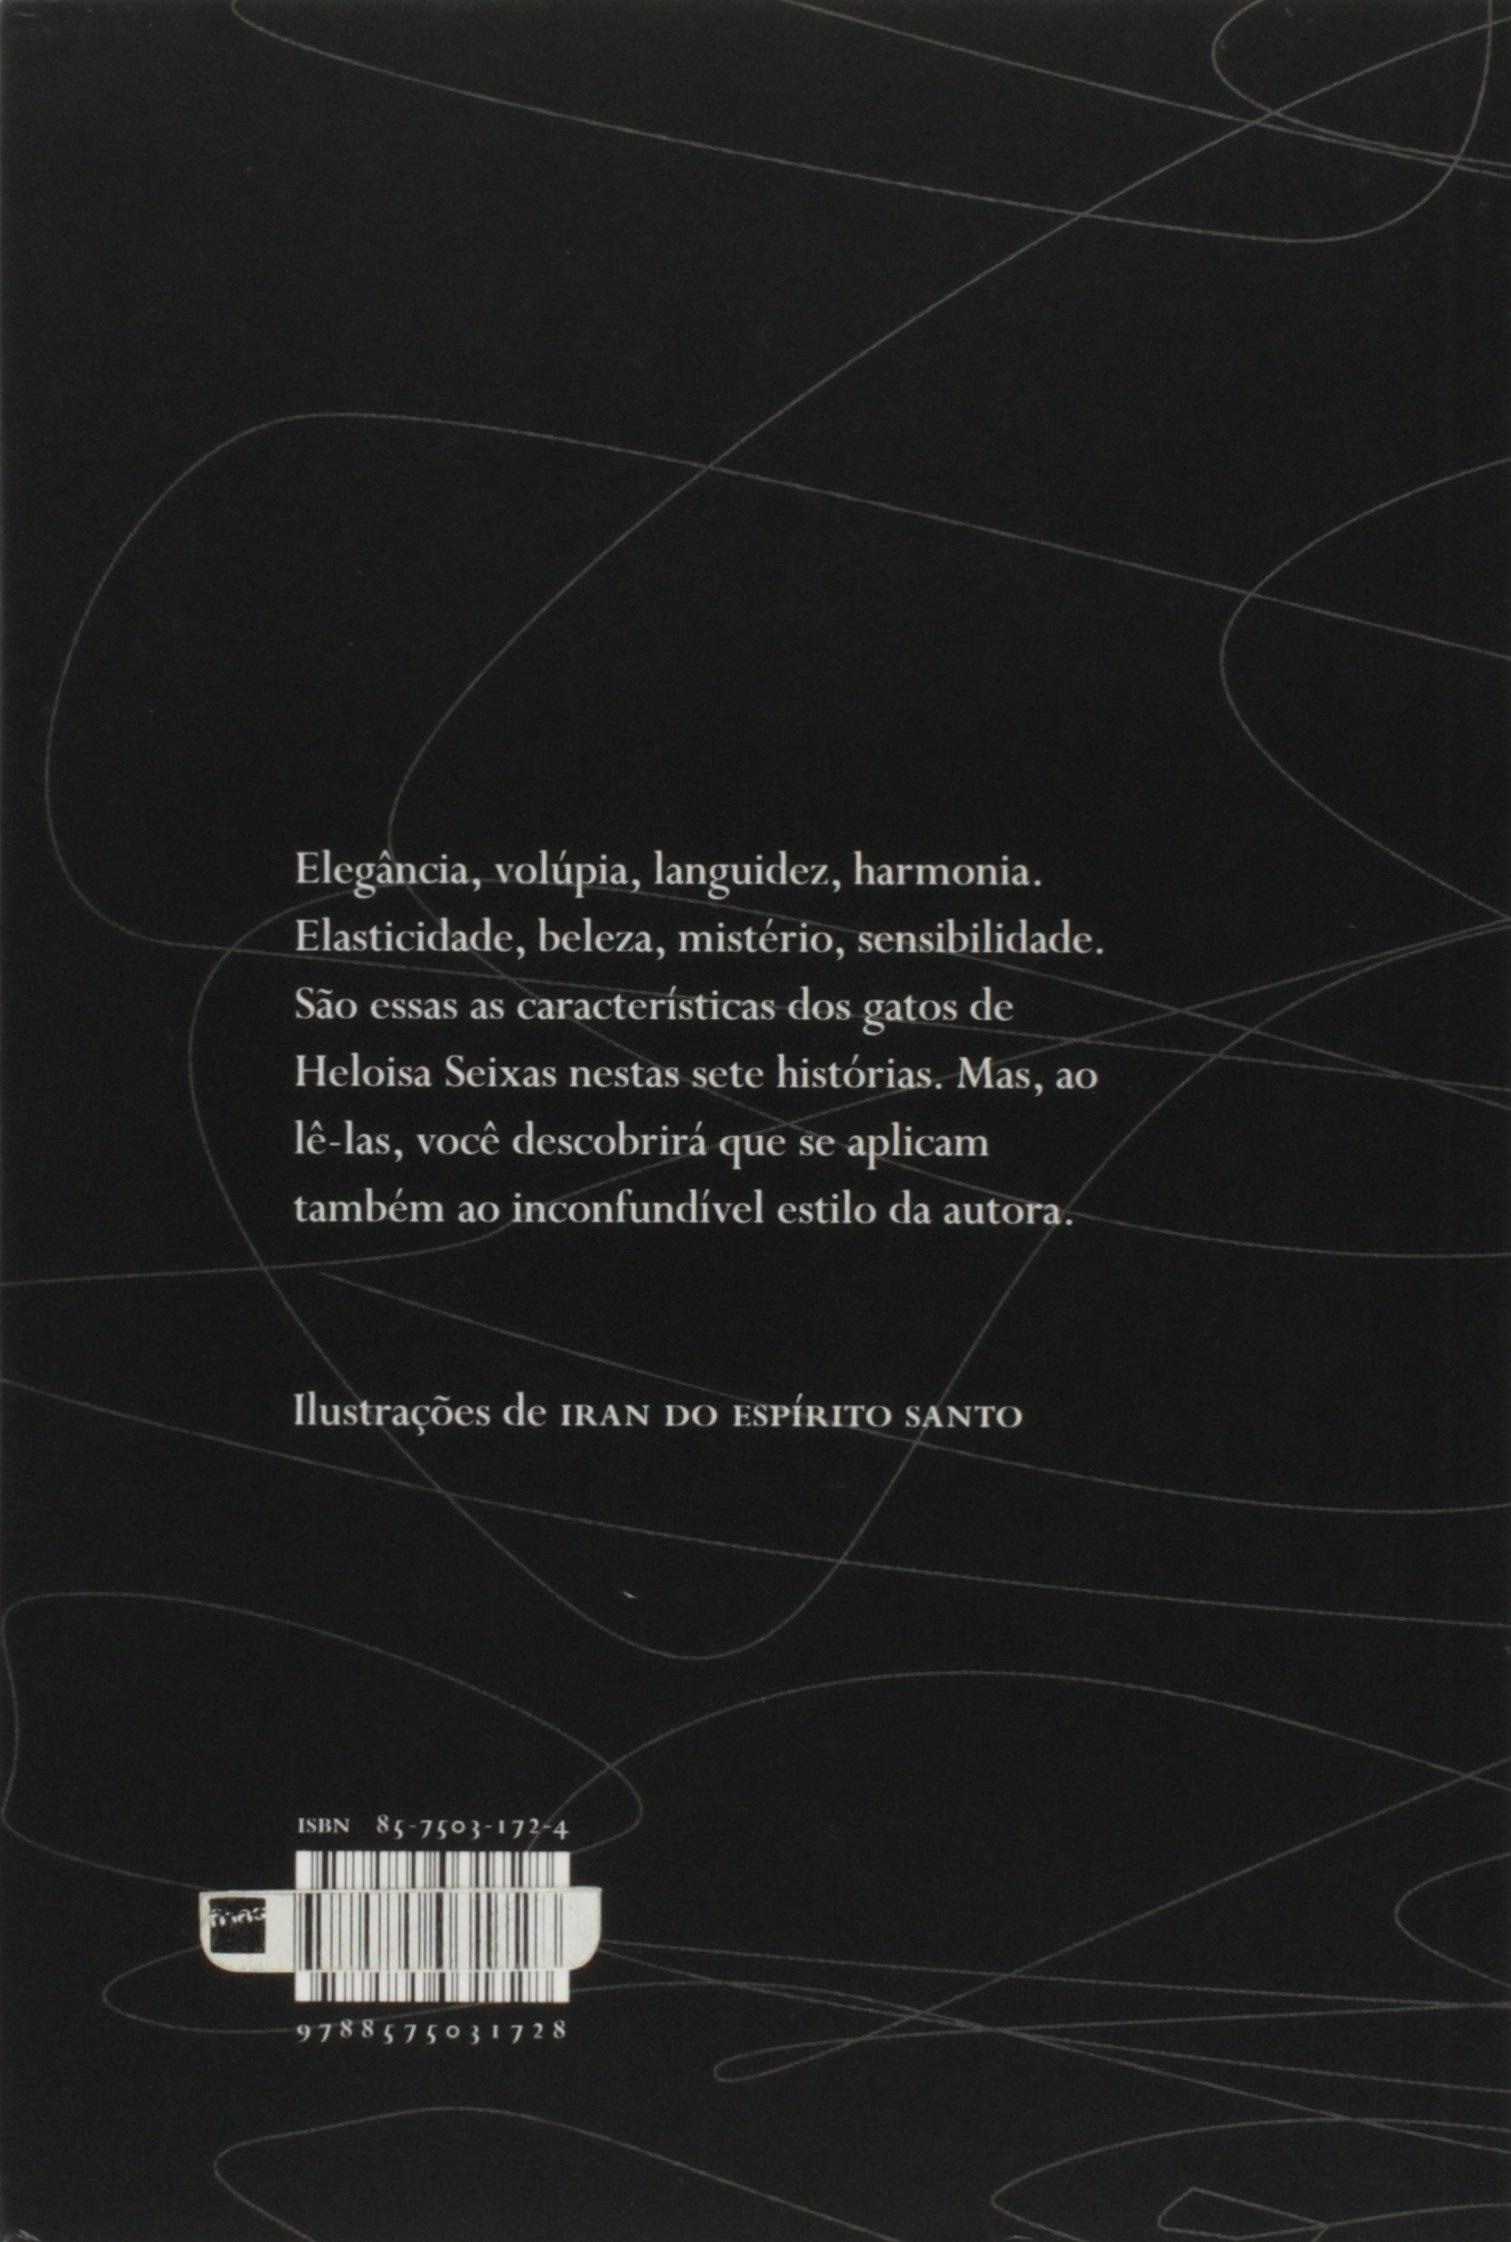 Sete Vidas: Sete Contos Mínimos de Gatos: Heloisa Seixas: 9788575031728: Amazon.com: Books